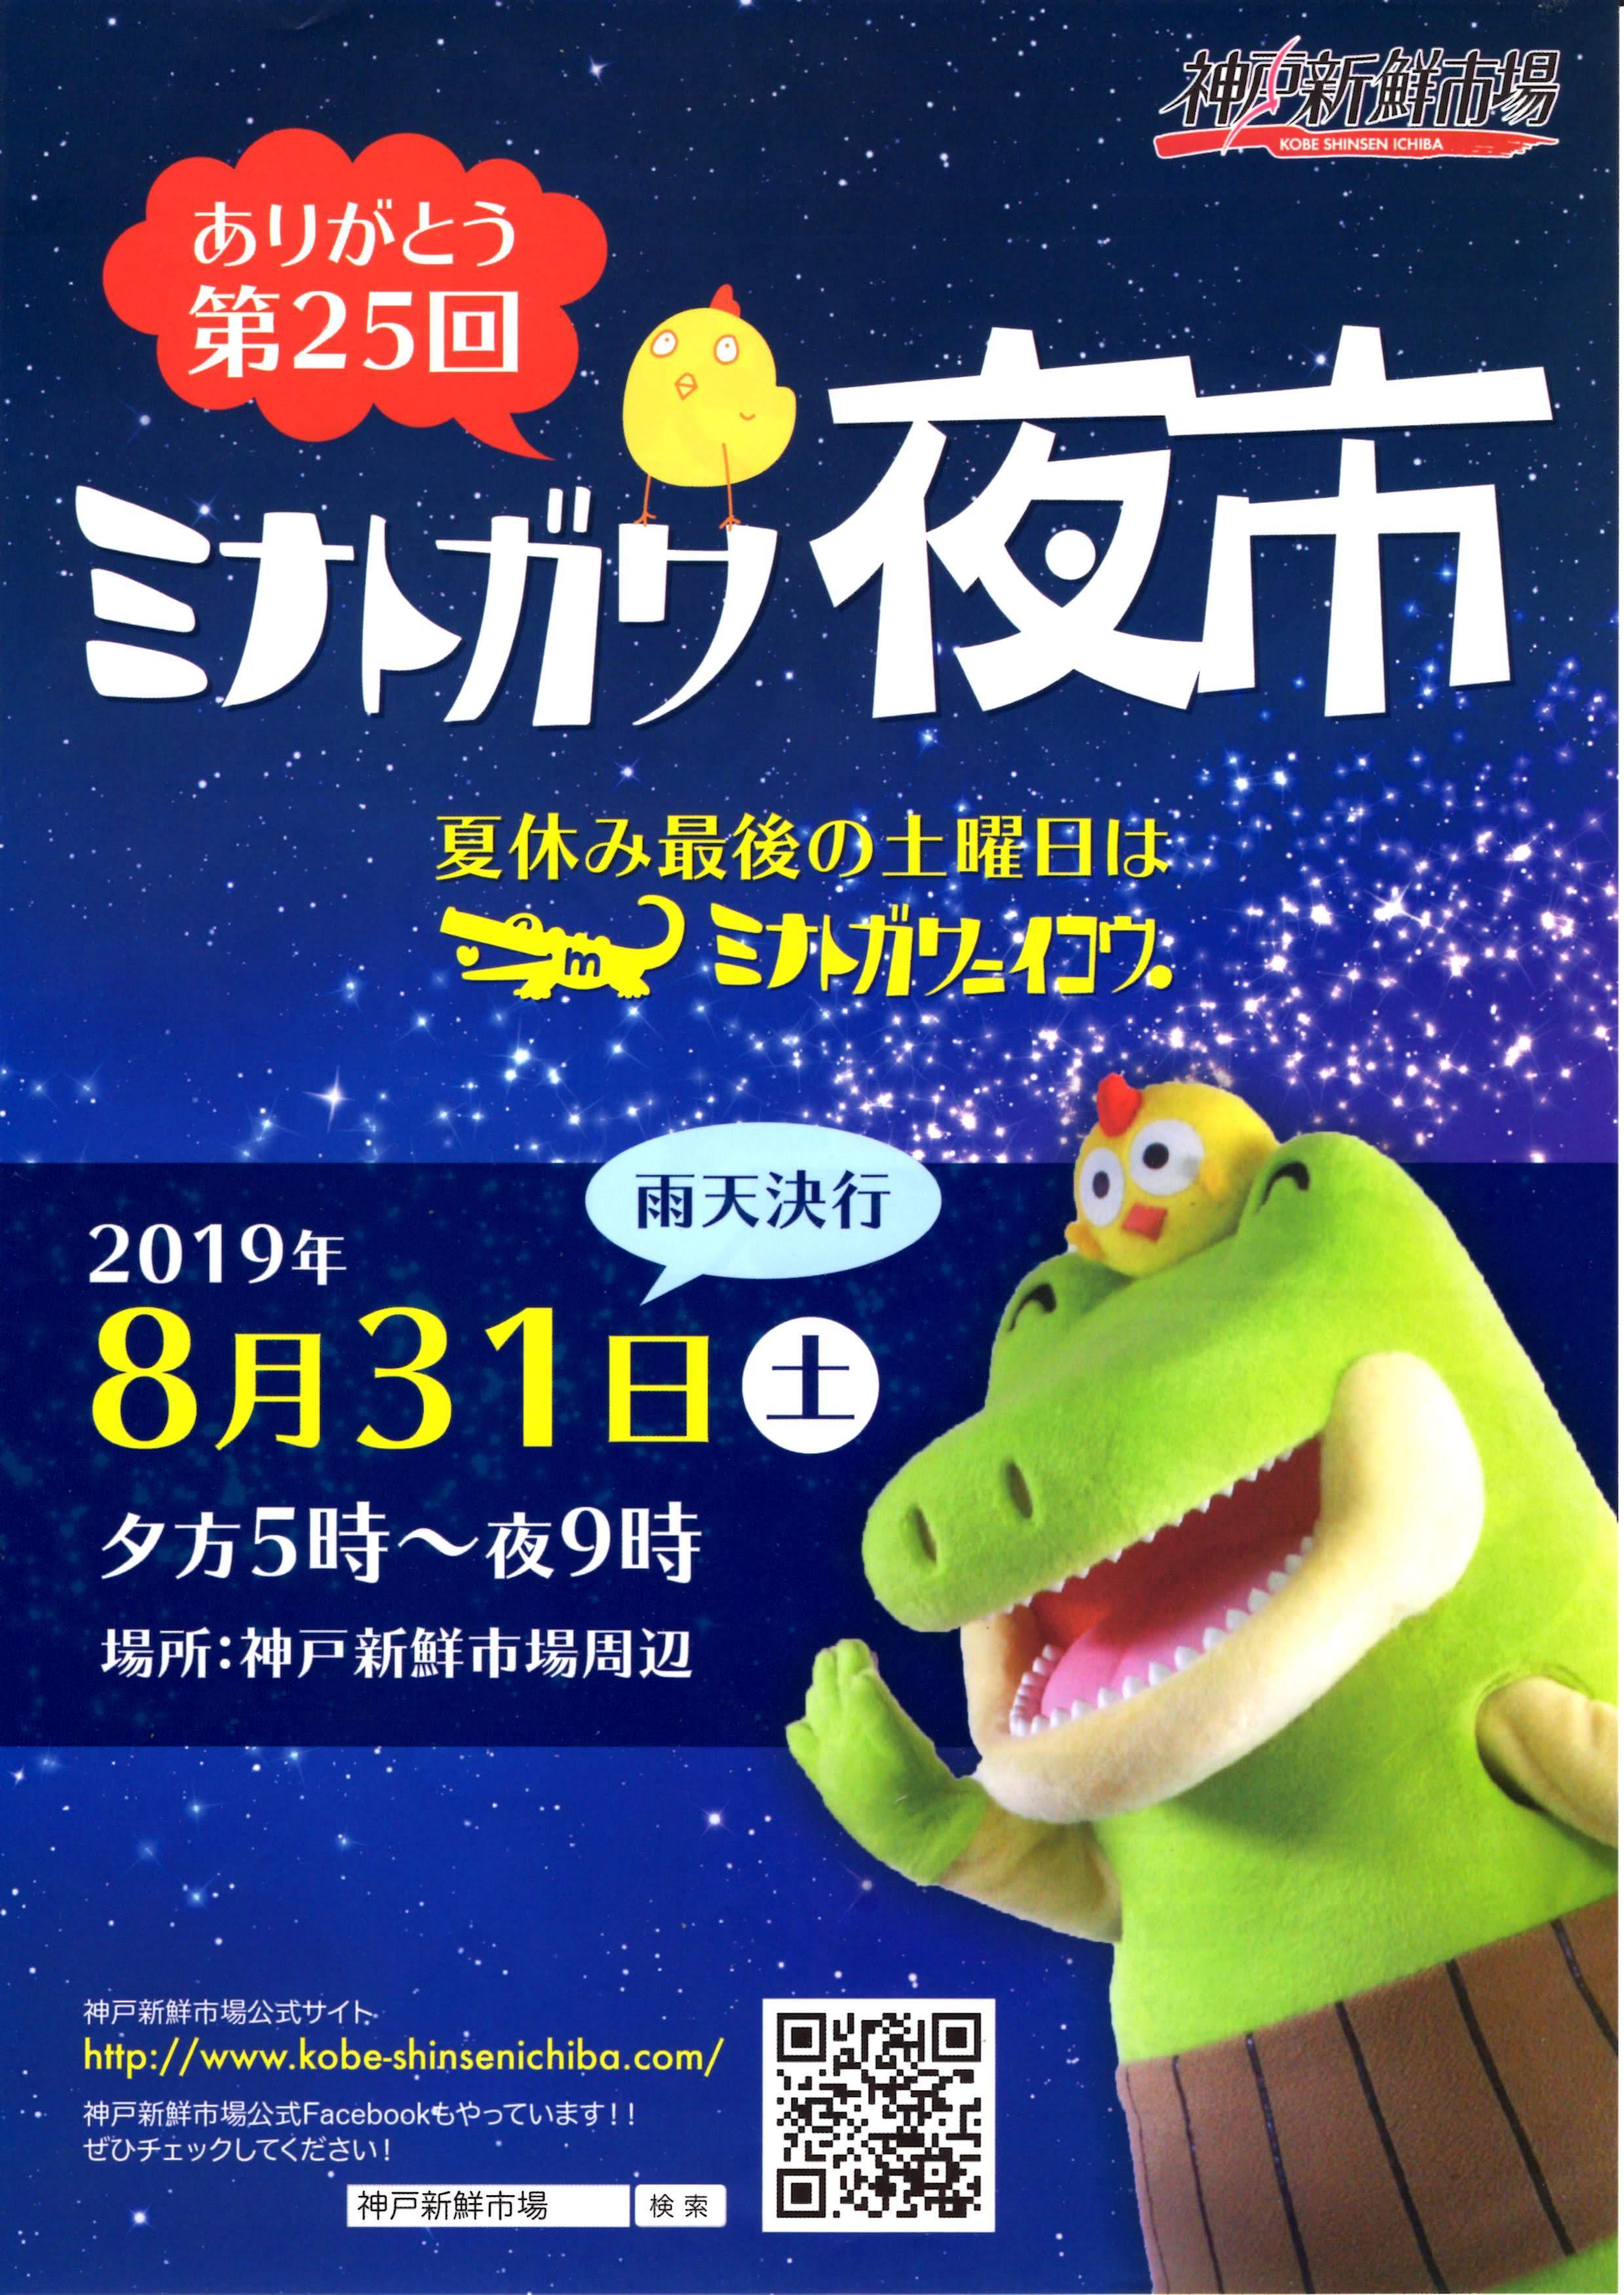 第25回 湊川夜市 開催